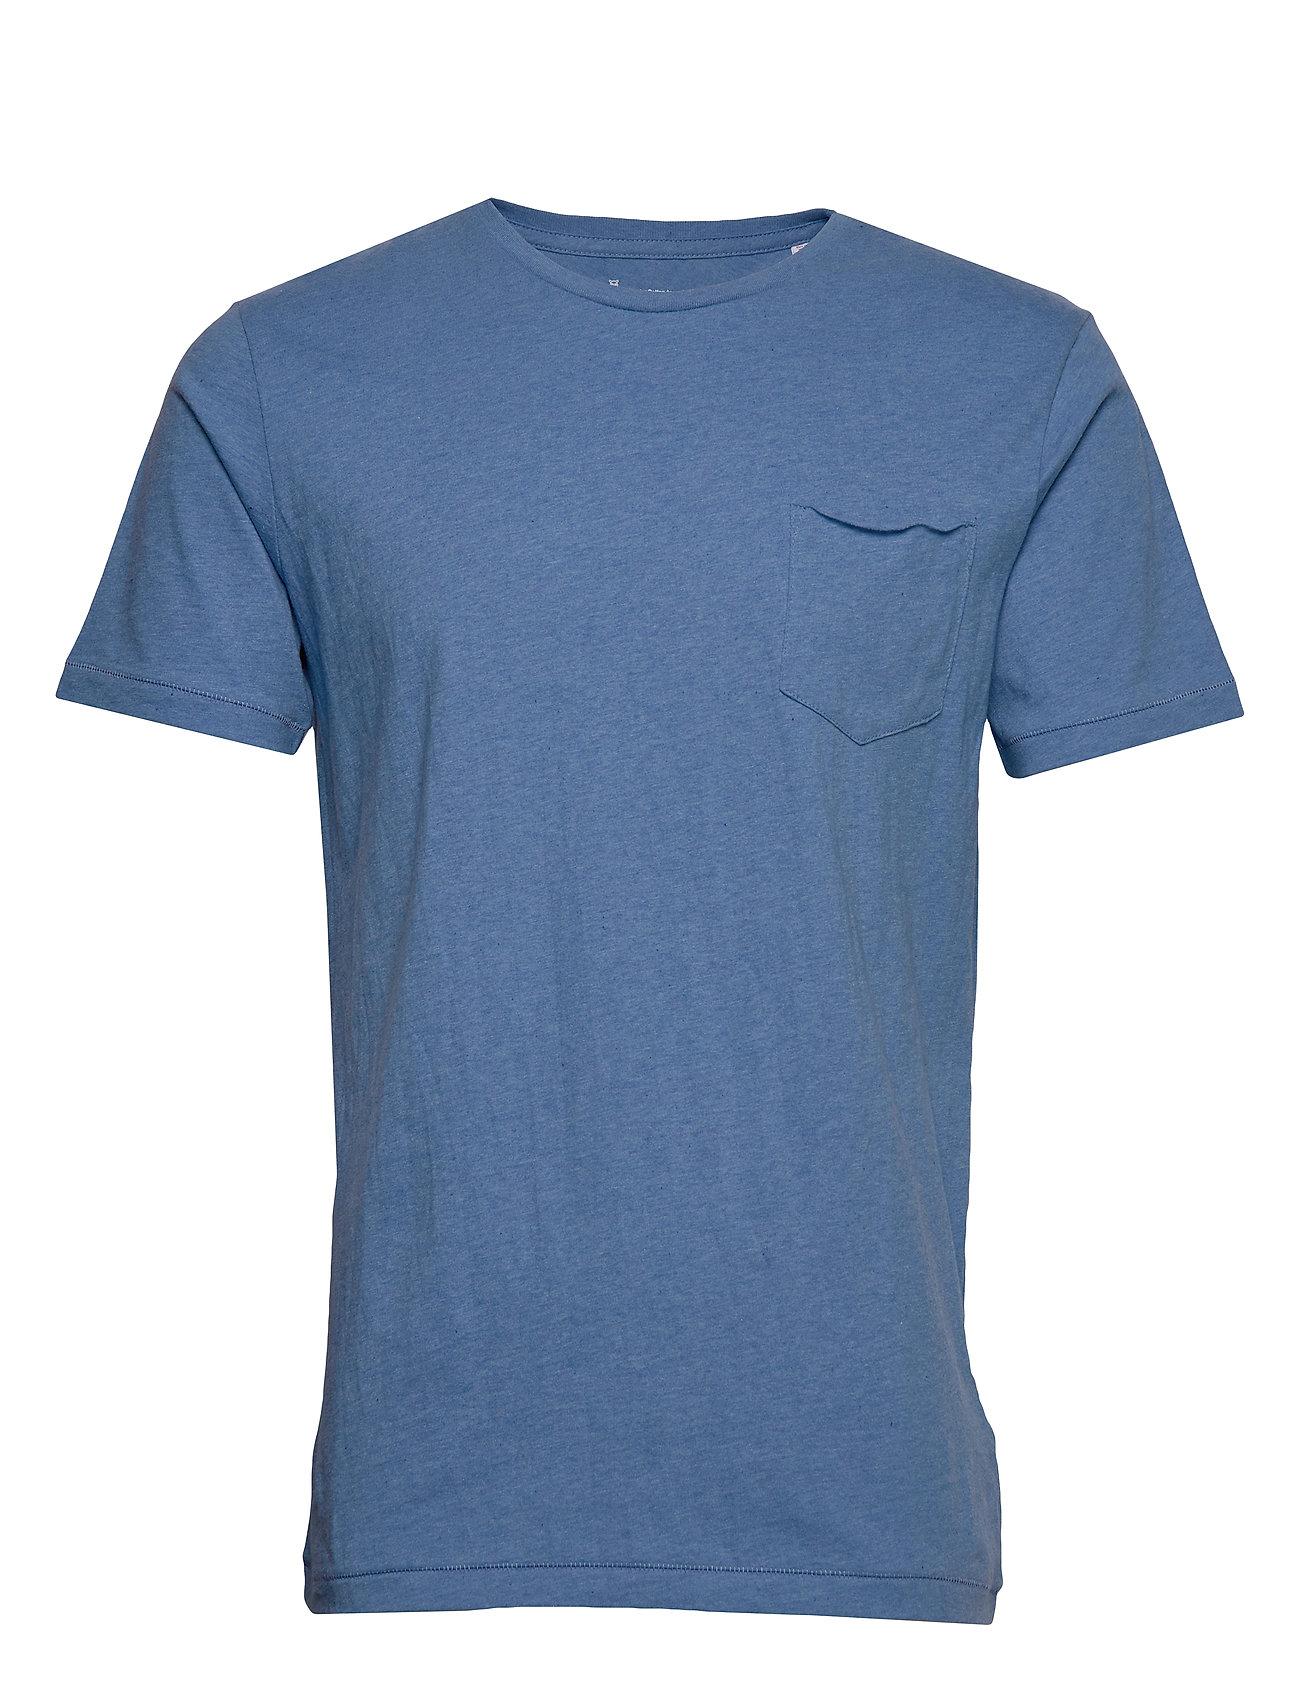 Knowledge Cotton Apparel ALDER basic chest pocket tee - GOTS - LIGHT BLUE MELANGE